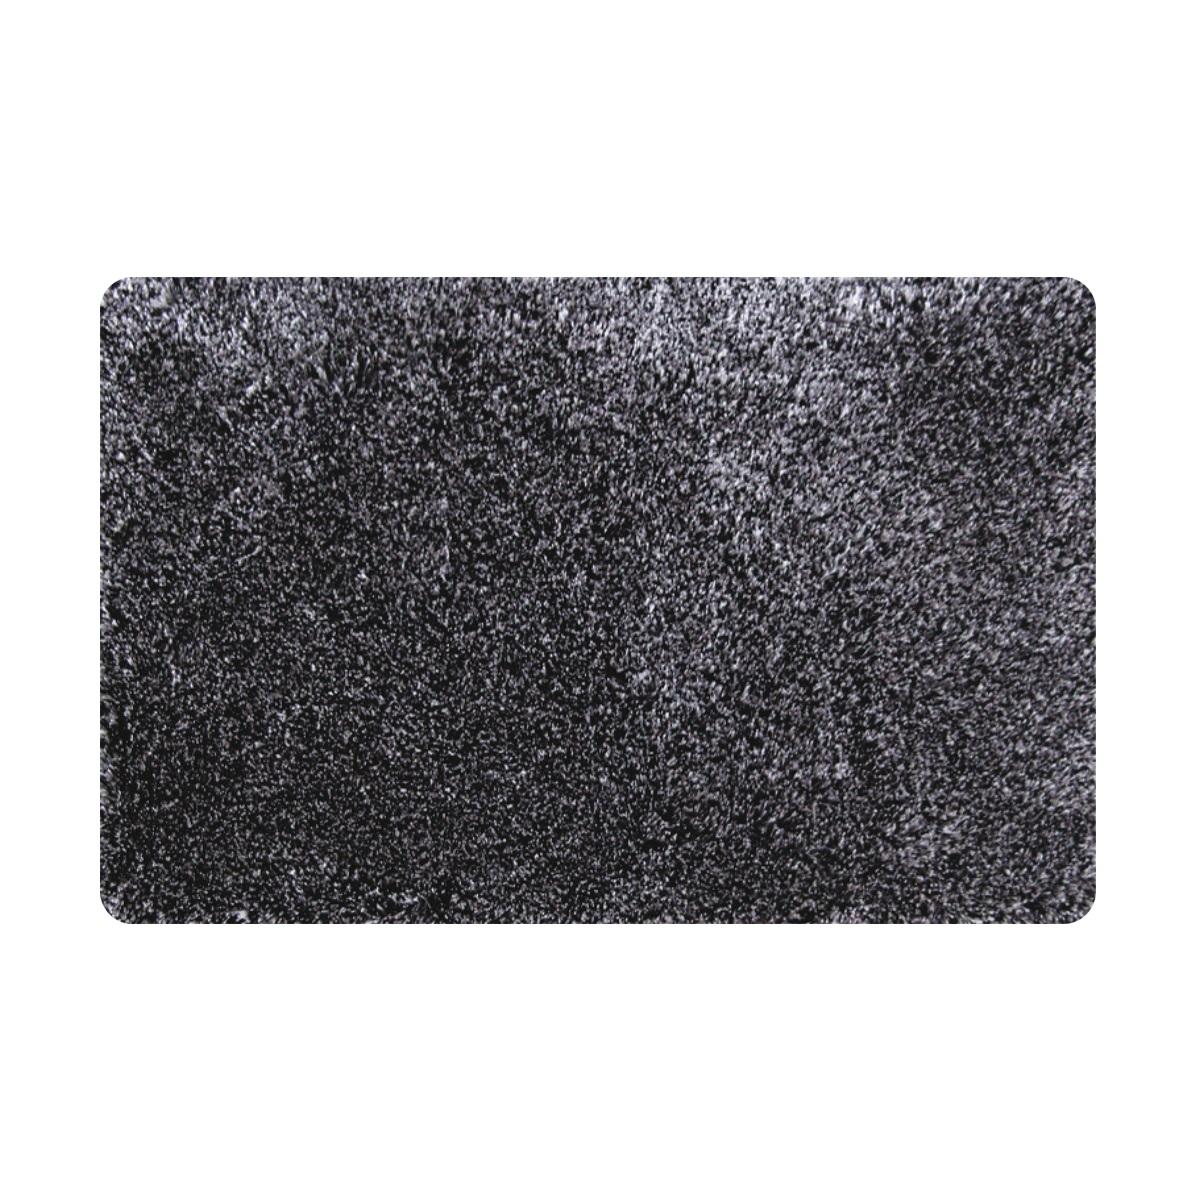 Коврик для ванной Iddis Grey grass, цвет: серый, 70 х 120 смMID246M100% Полиэстеровый тканный коврик для ванной комнаты на латексной основе. Высота ворса 2.5см